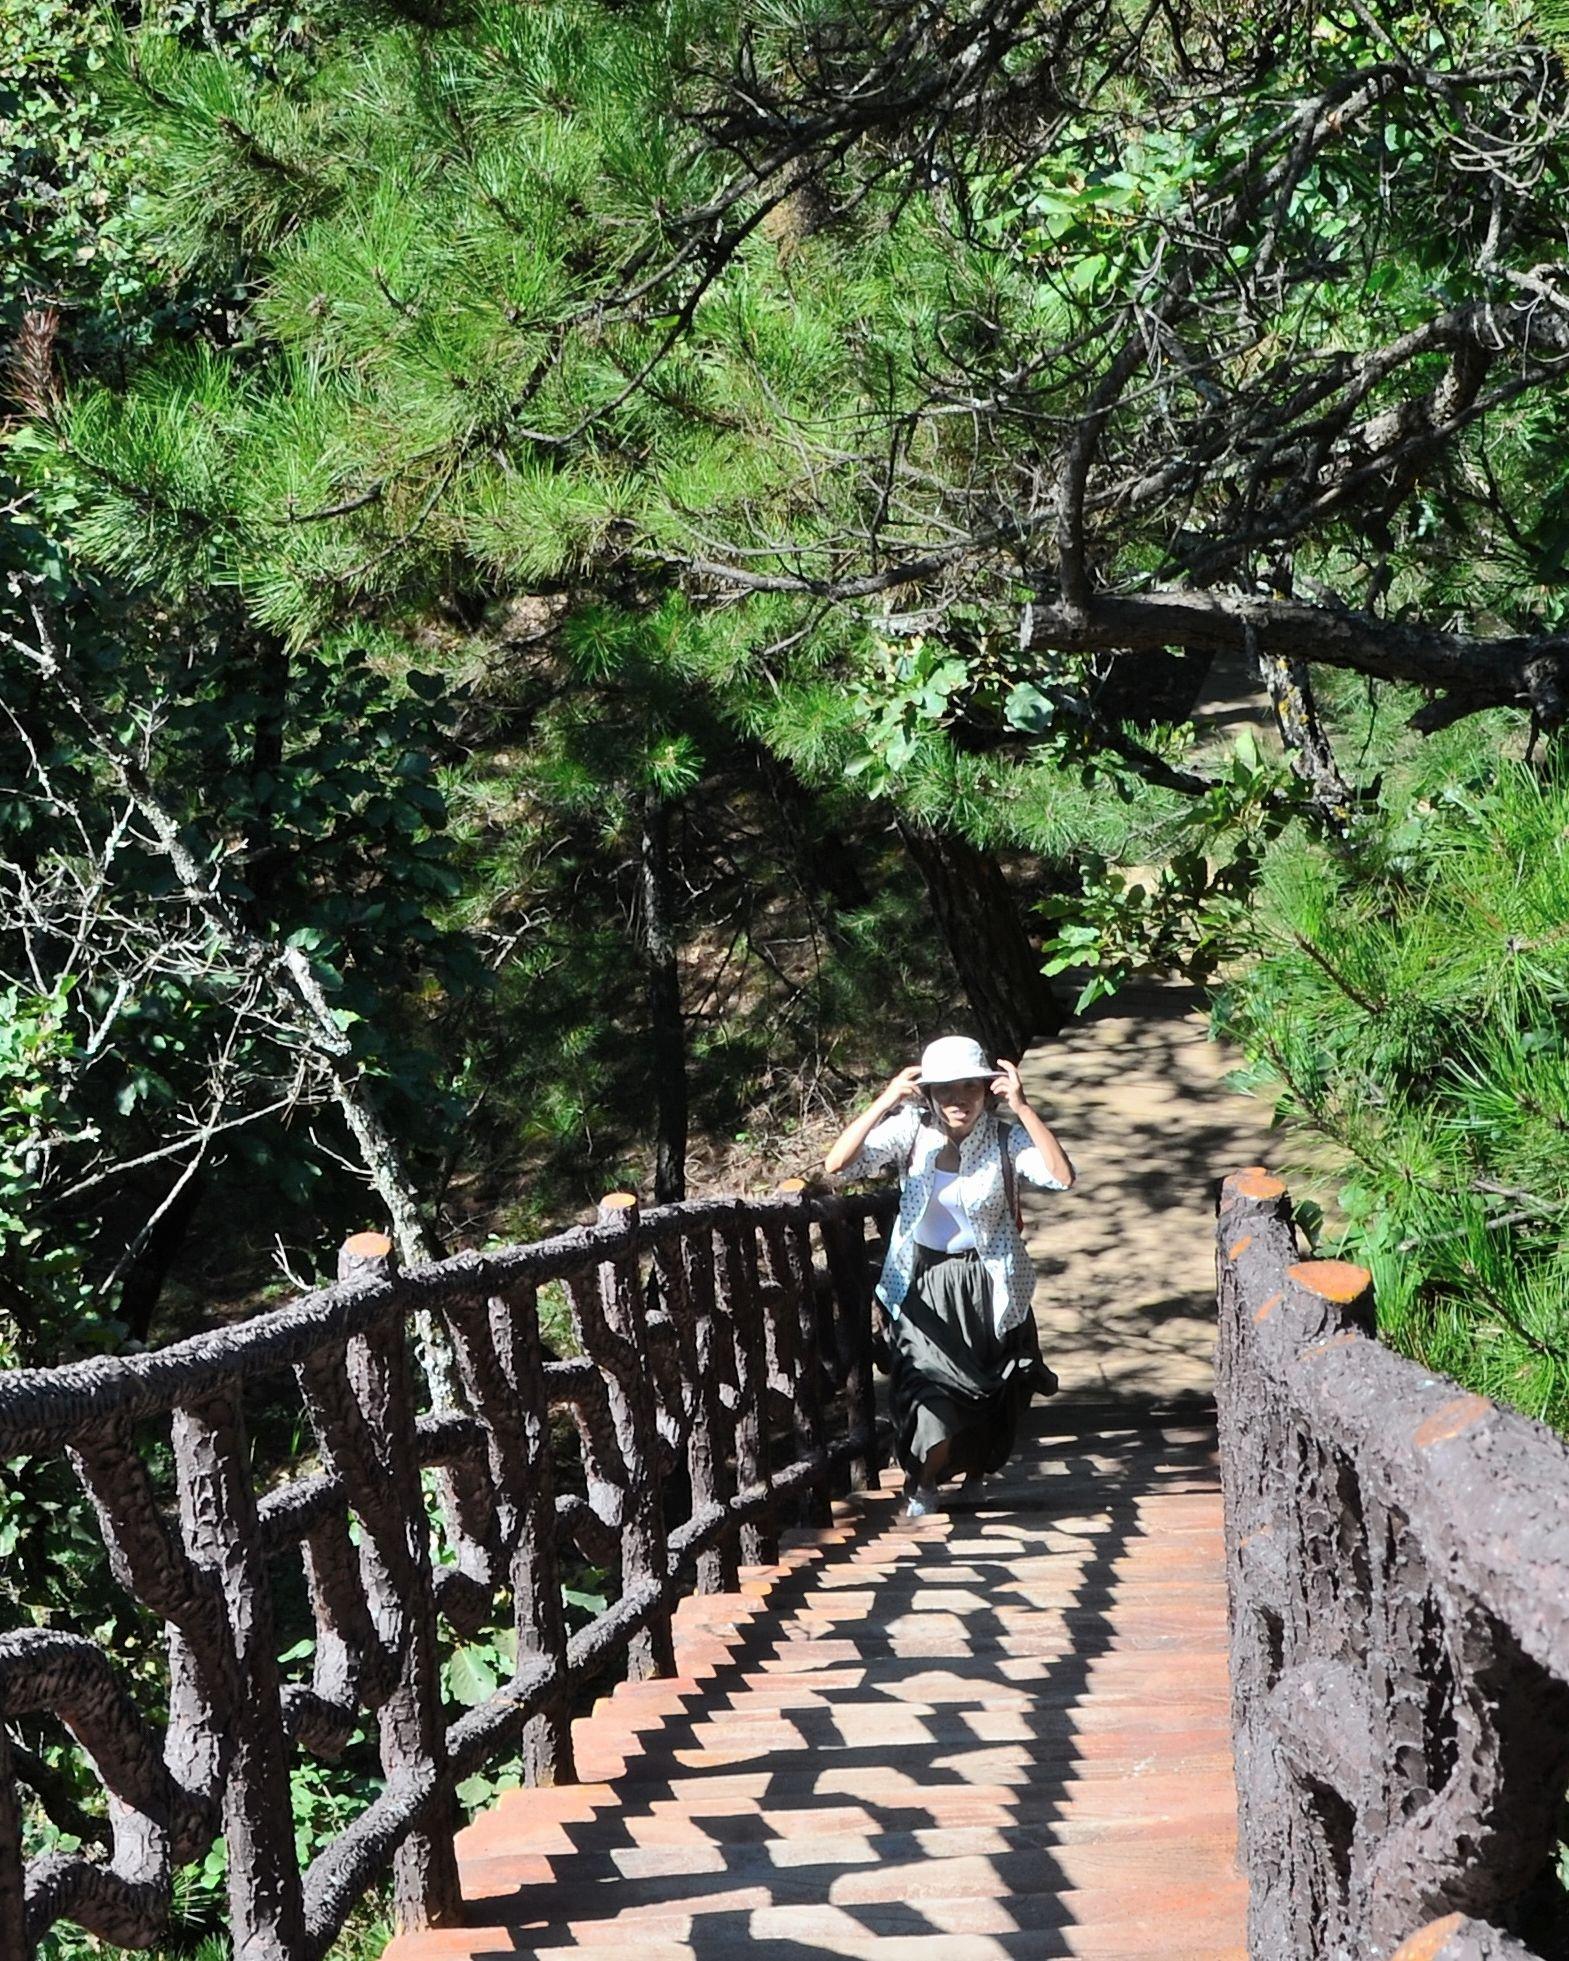 2019陕西黄陵国家森林公园游玩攻略,除一截支架外,是.